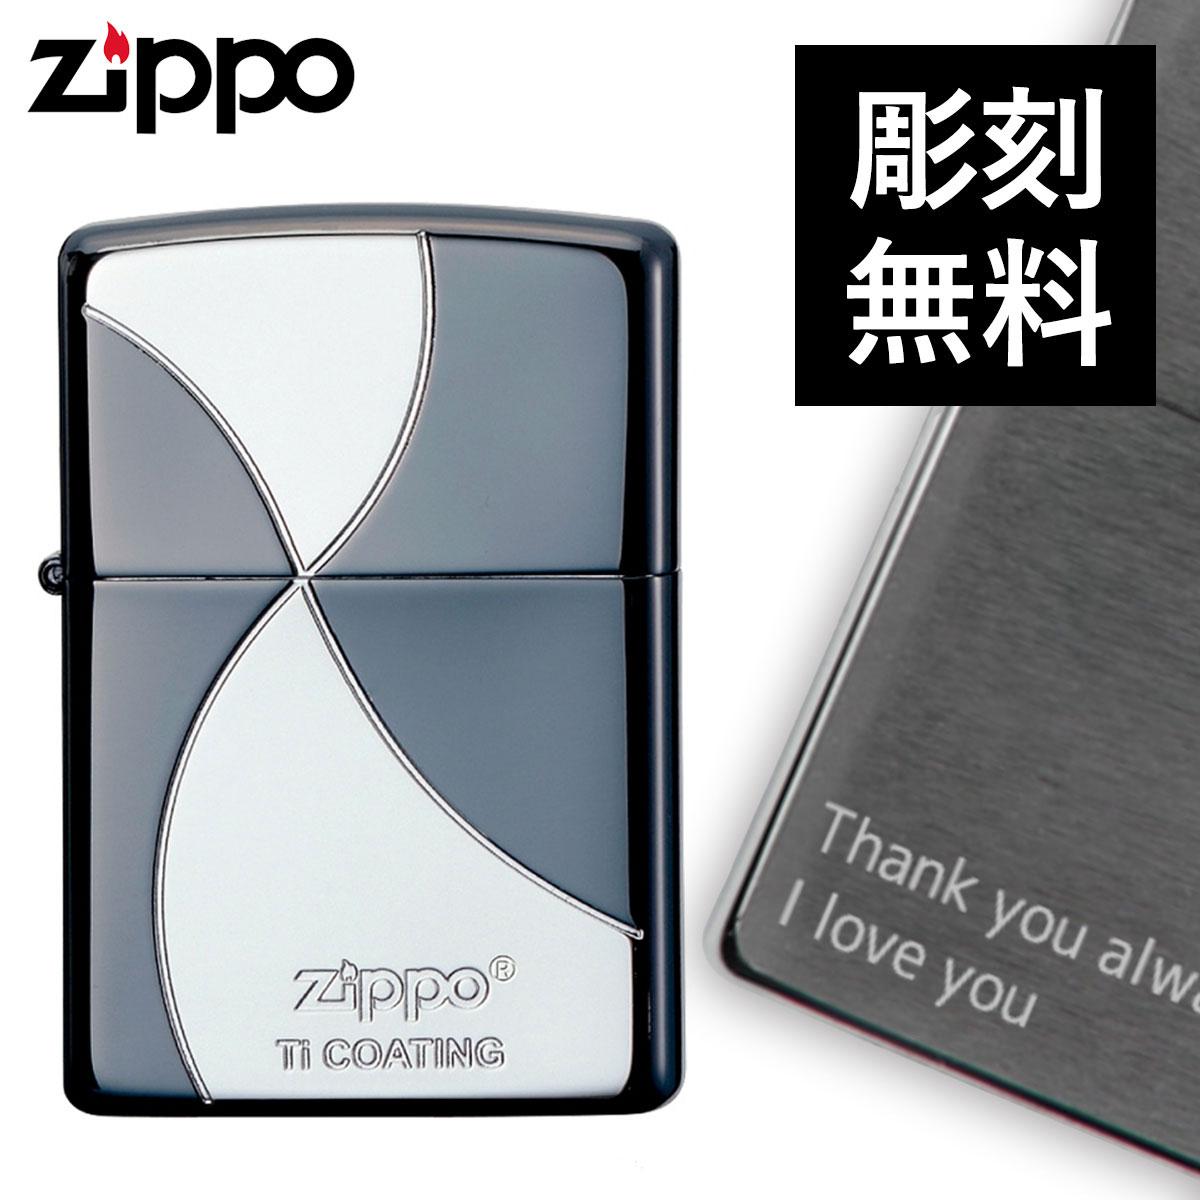 zippo 名入れ ジッポー ライター チタン キズがつきにくい TNK 22 名入れ ギフト オイルライター ジッポライター ギフト プレゼント 彼氏 男性 メンズ